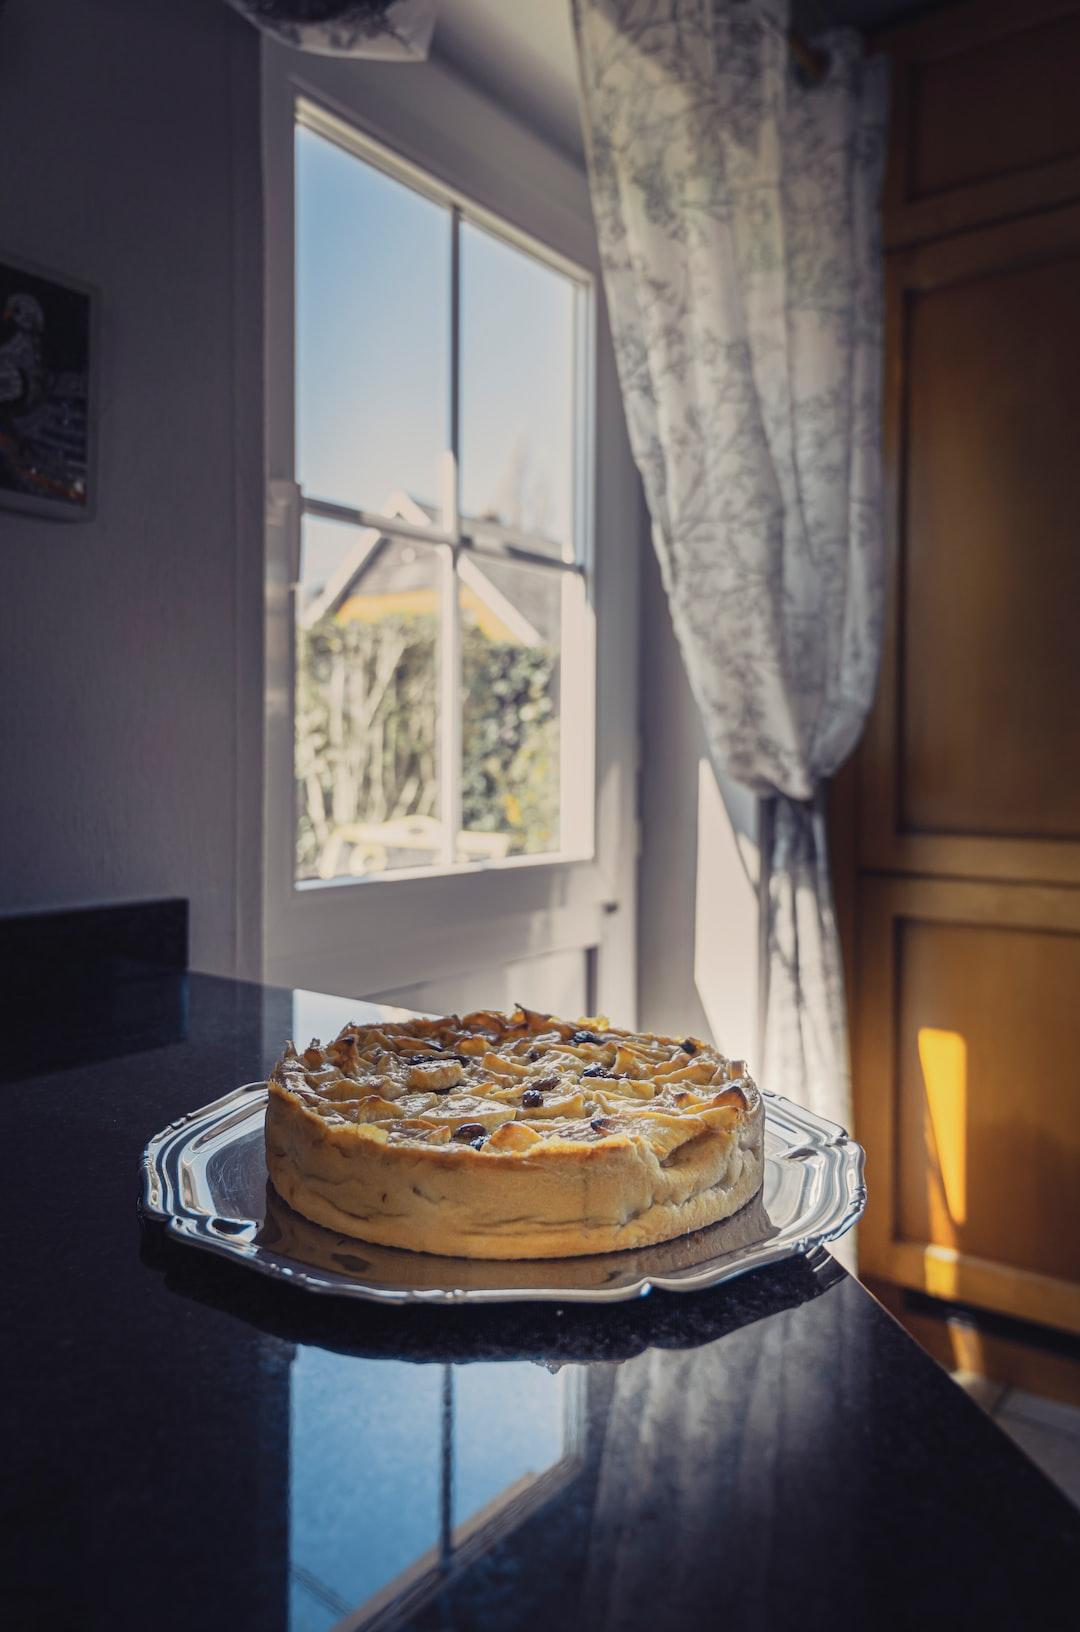 Grandma's apple cake